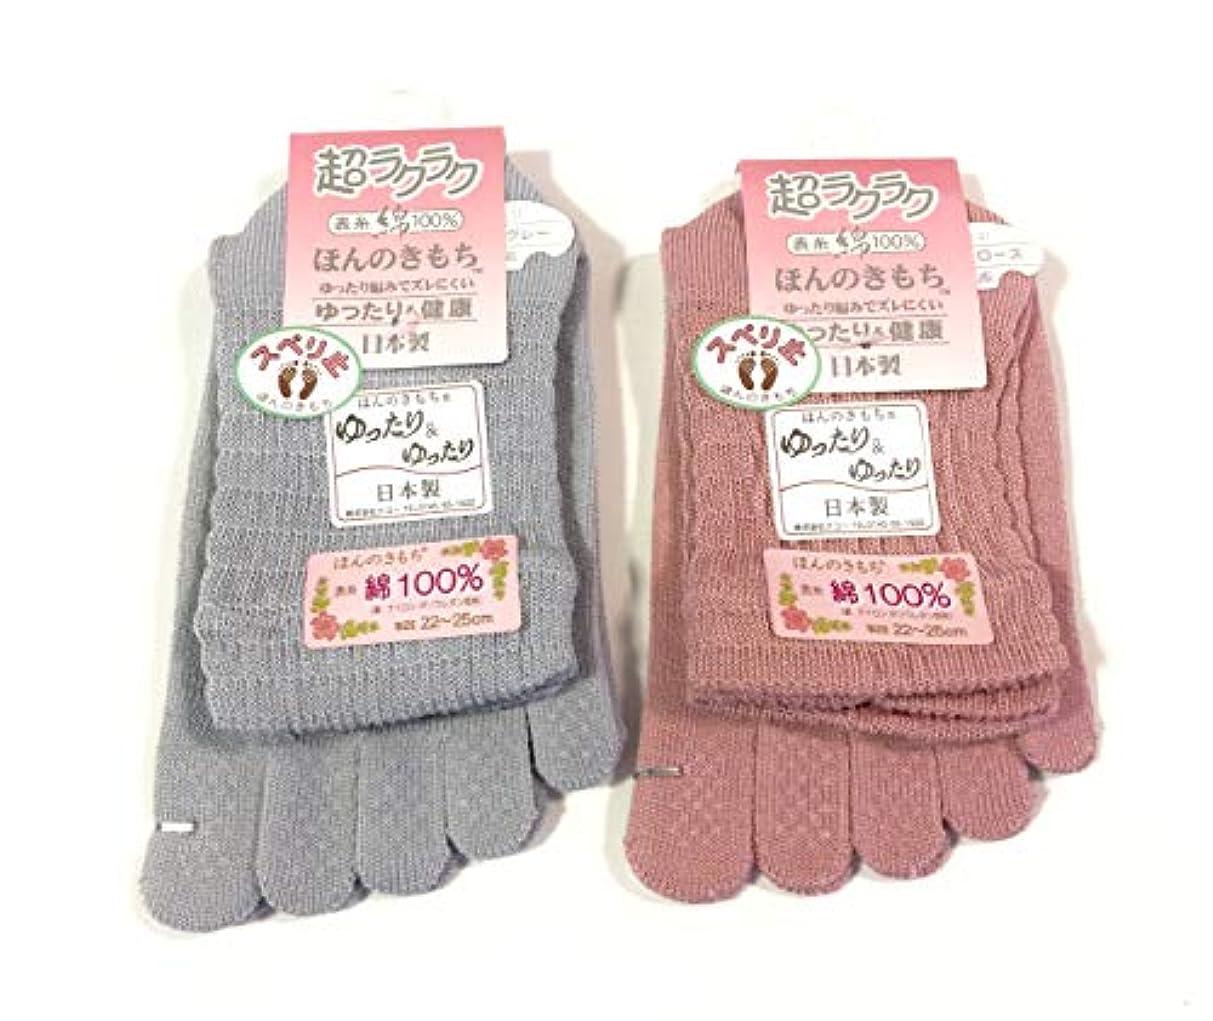 たくさん突き出すはちみつ日本製 5本指ソックス レディース 滑り止め付 22~25cm すべり止め付 履き心地いい お買得2足組 (ピンクとグレー)